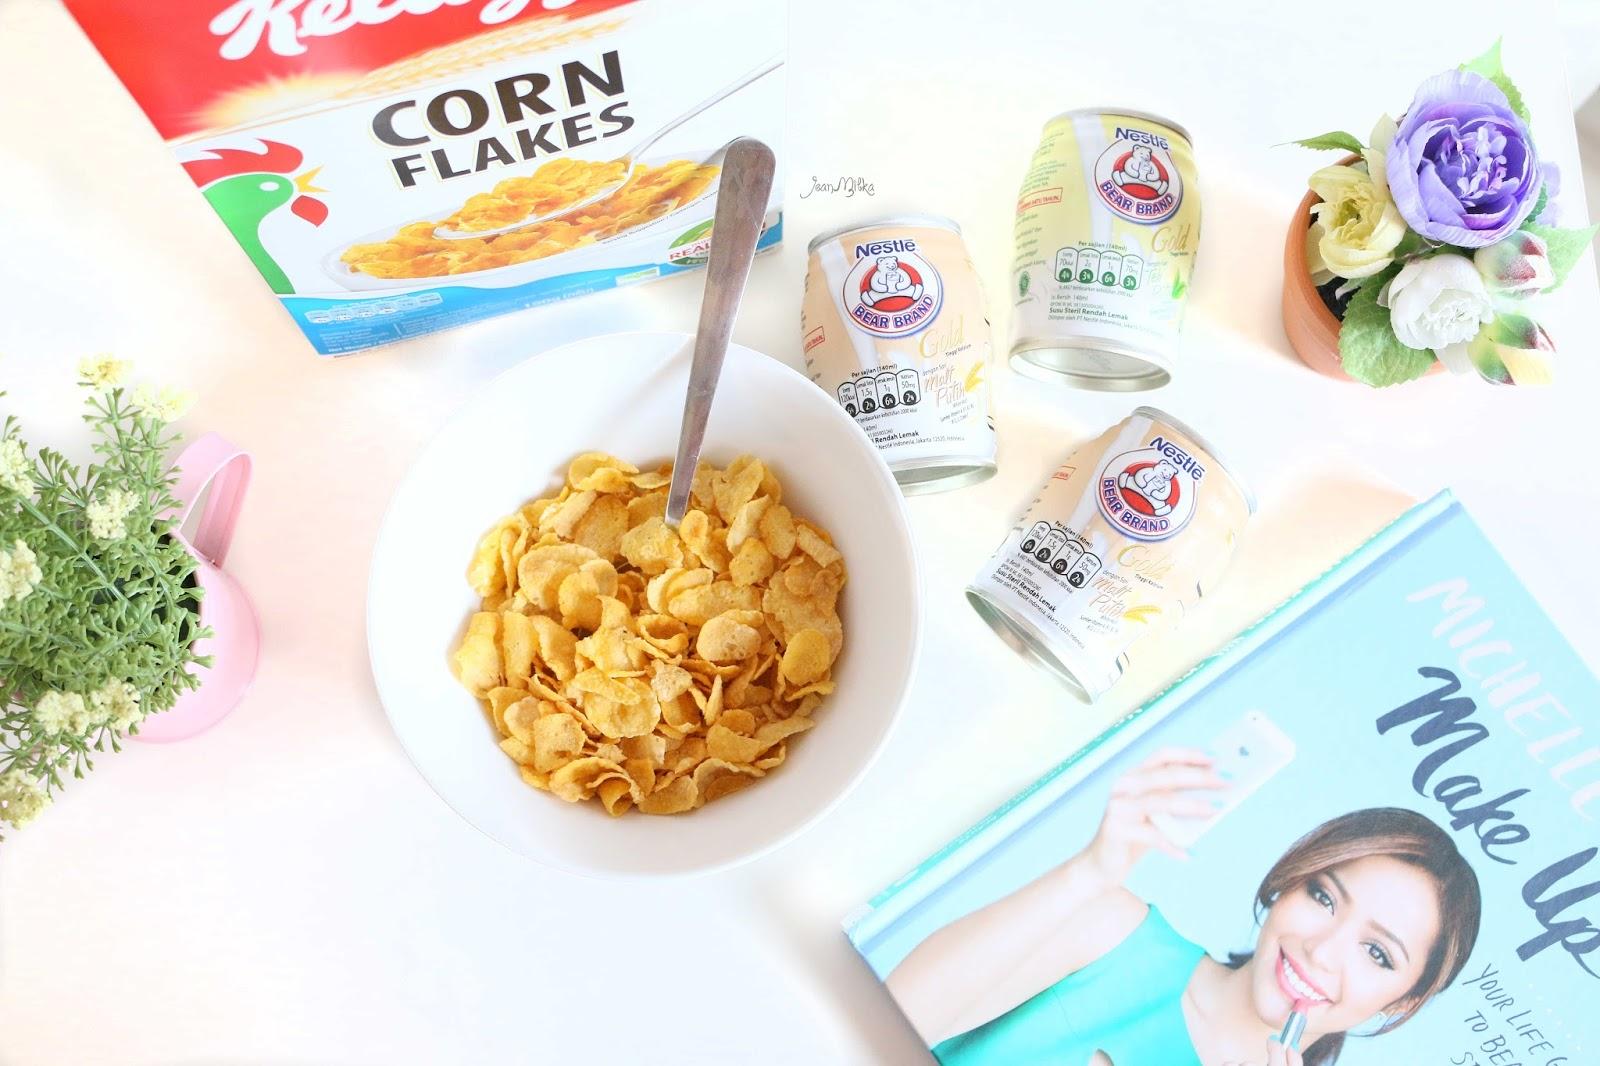 bear brand, susu, susu steril, susu beruang, indonesia, bahasa, rutinitas pagi, morning routine, healthy, sehat, hidup sehat, sarapan